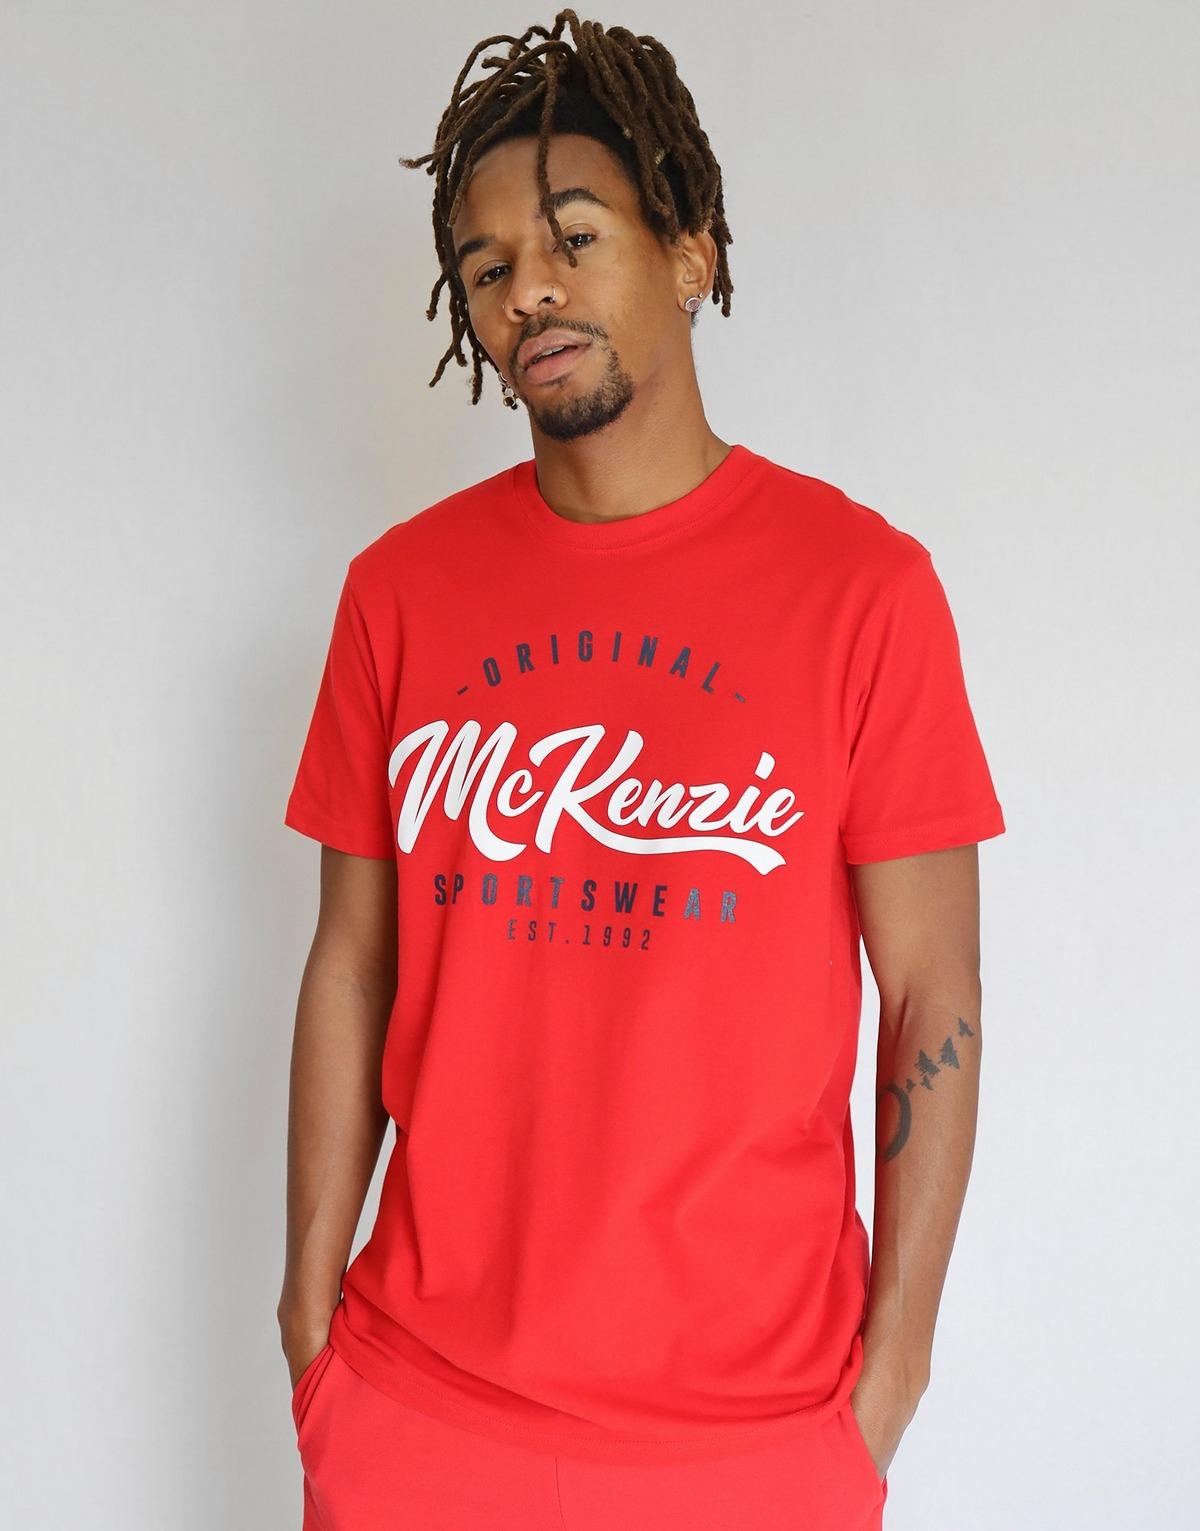 Sélection de t-shirts homme Mc Kenzie à 4€ - Ex : T-shirt McKenzie Tyce Palm (Taille XL)